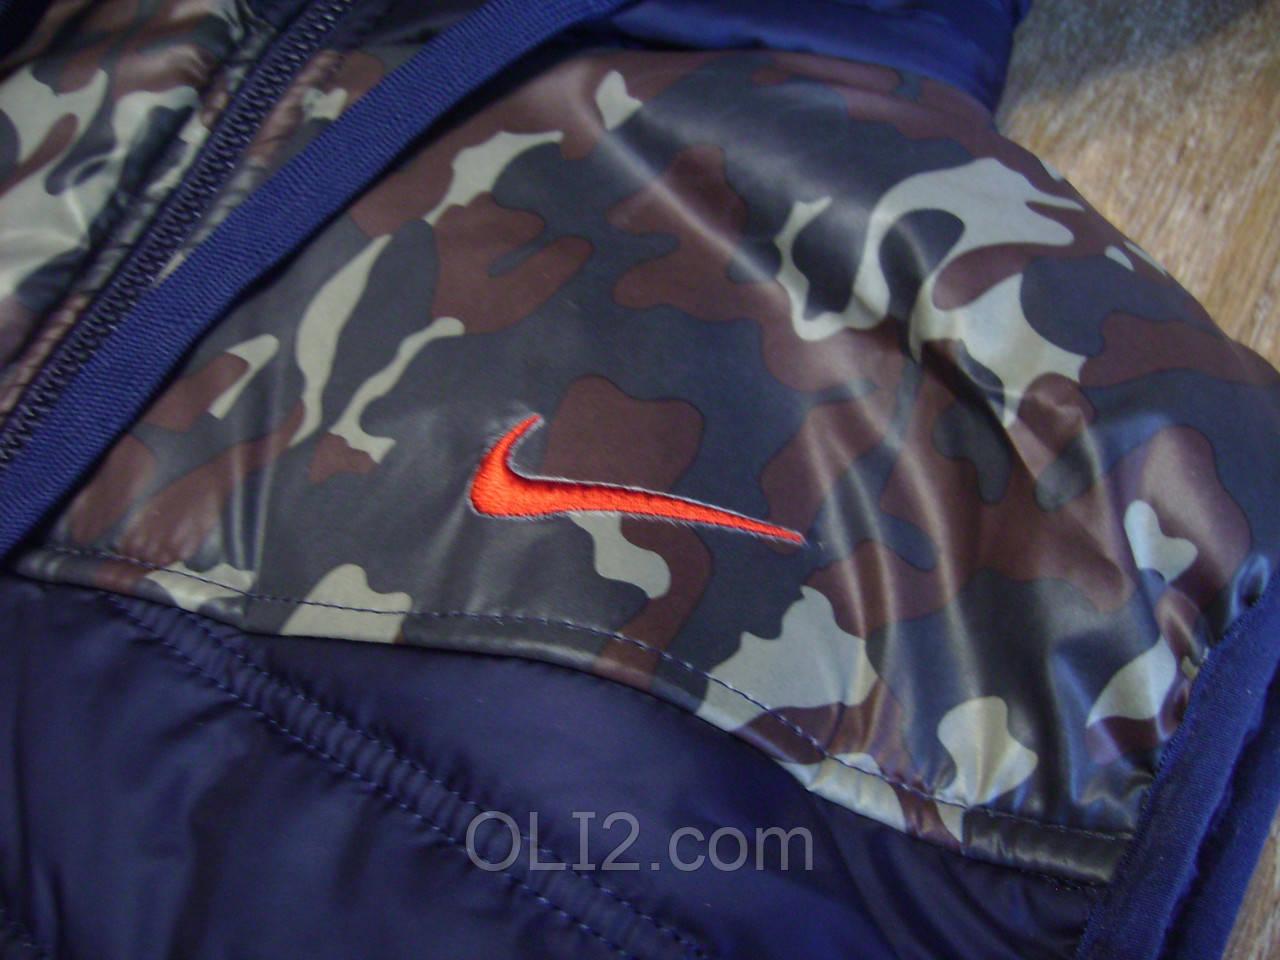 f64d4196 Мужская жилетка Nike найк жилет хаки камуфляж милитари , цена 560 грн.,  купить Київ — Prom.ua (ID#471962633)